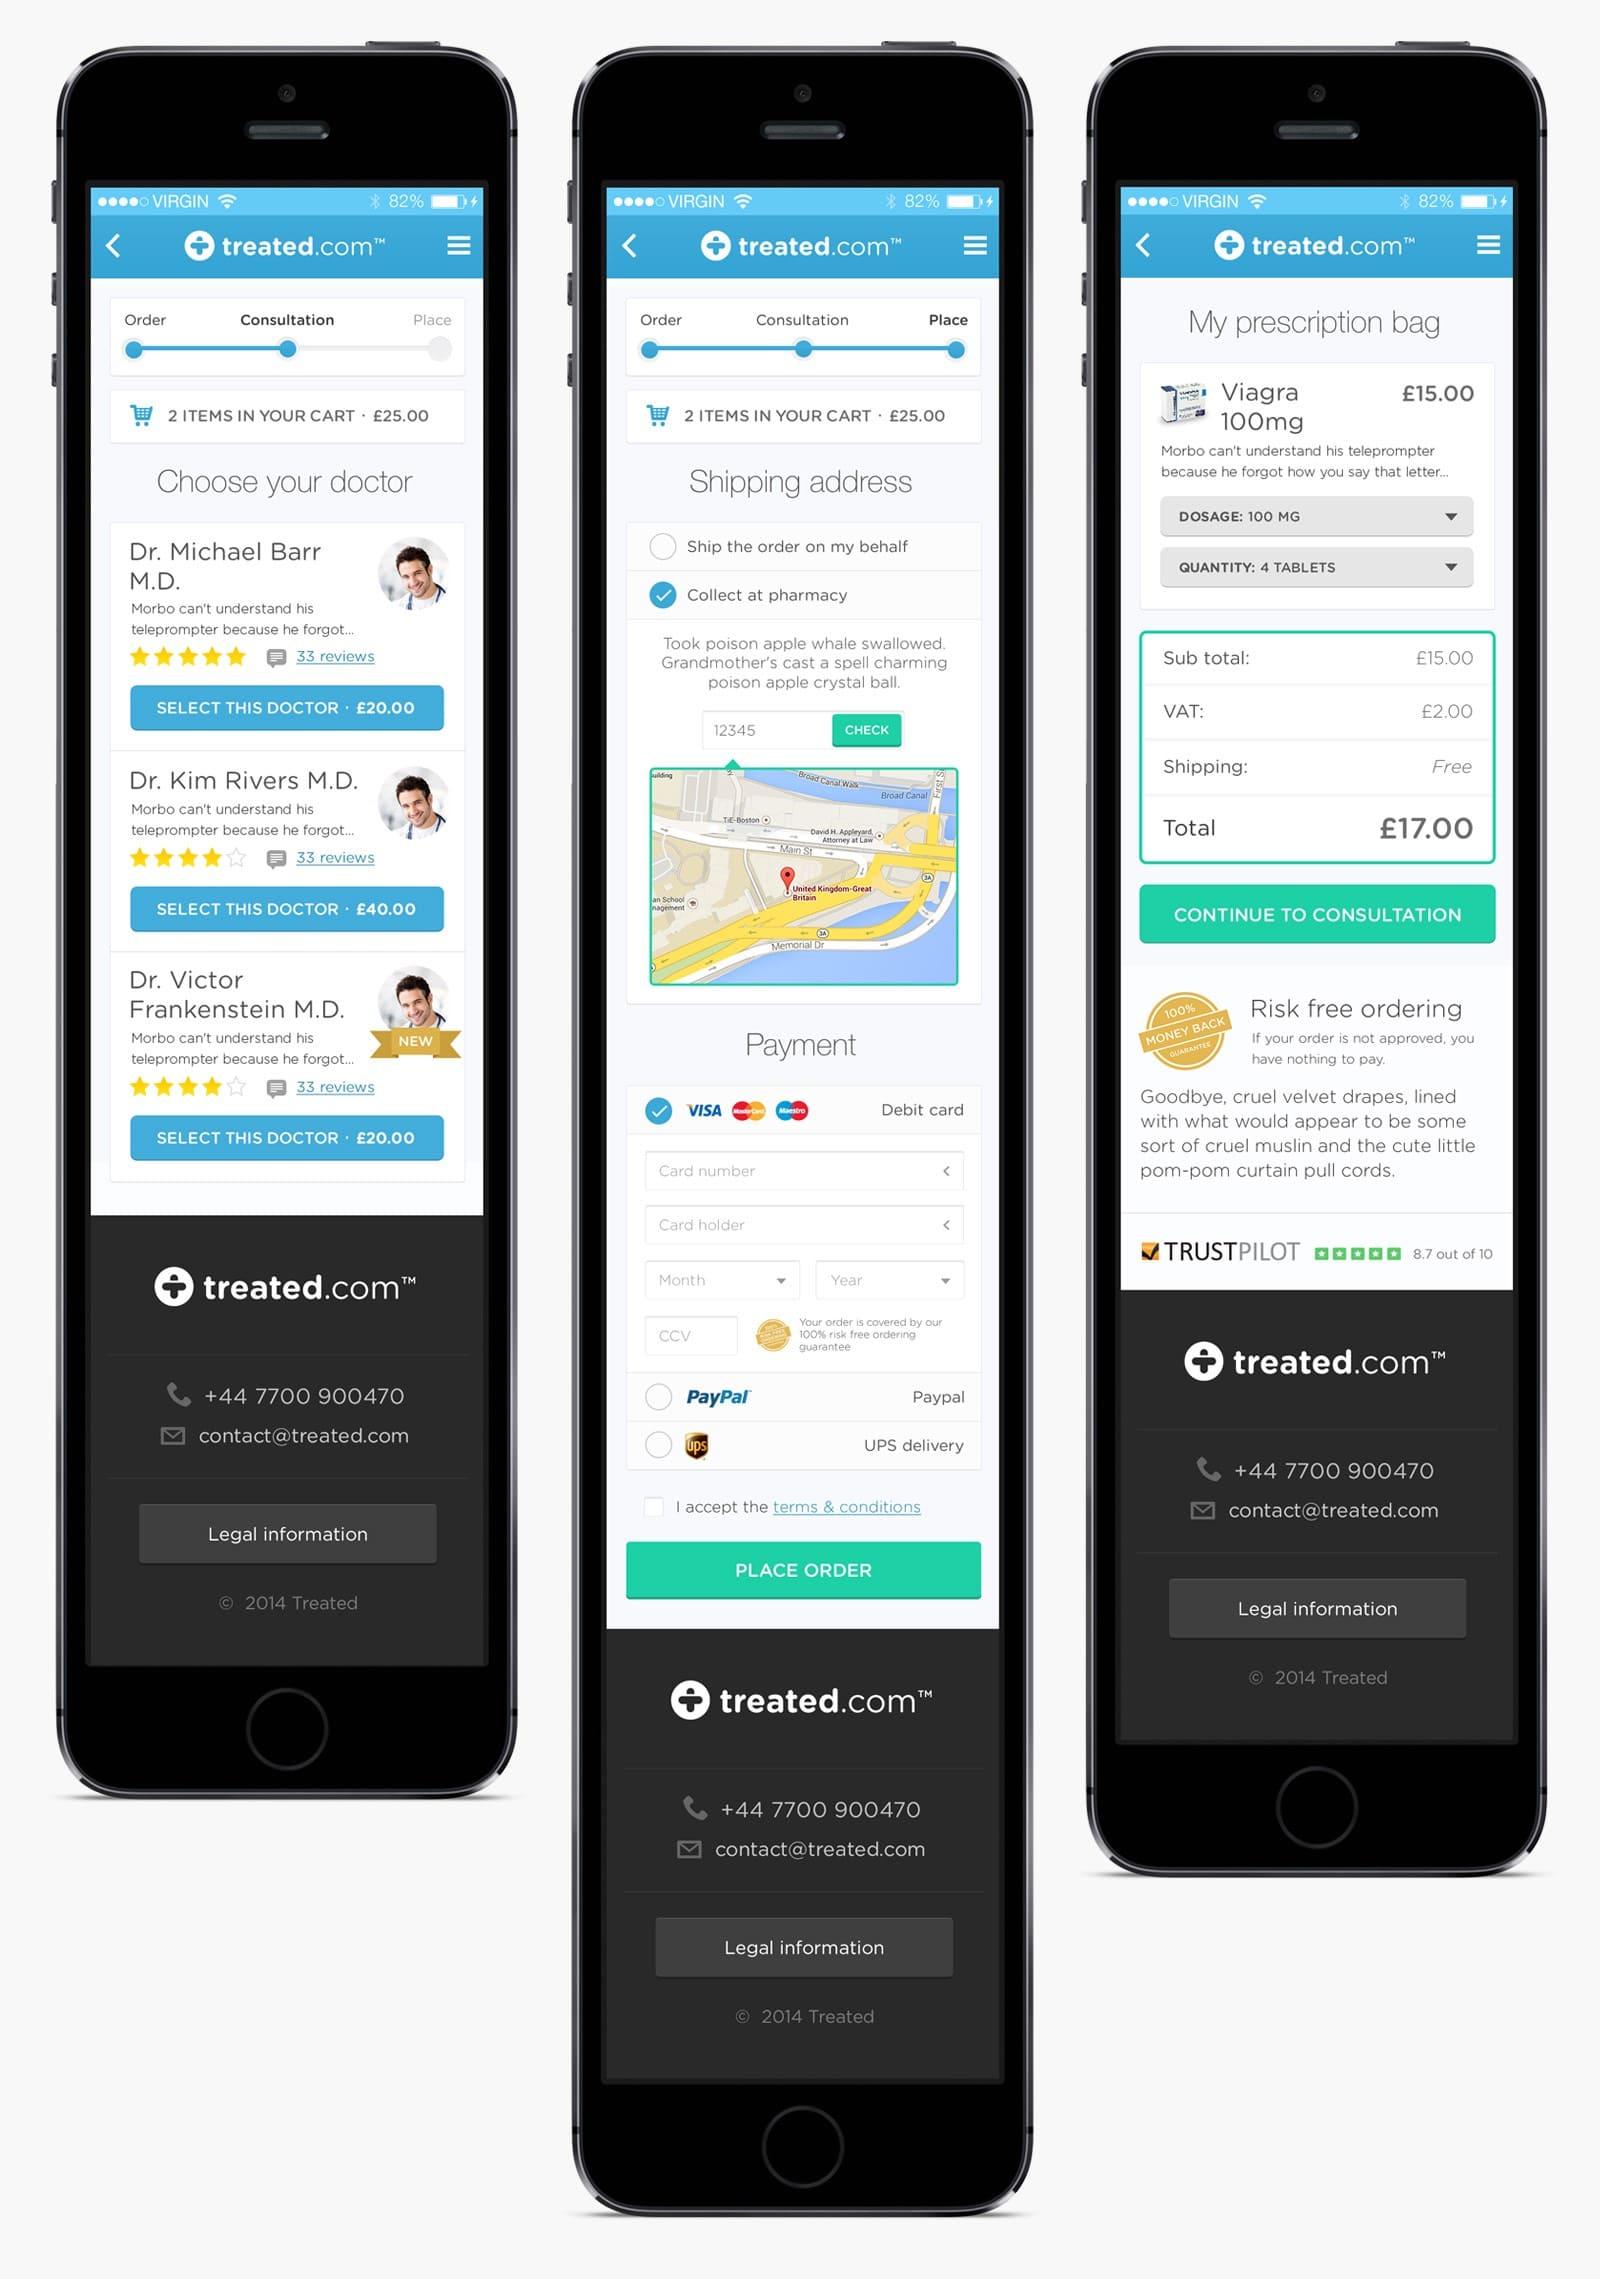 Treated.com mobile